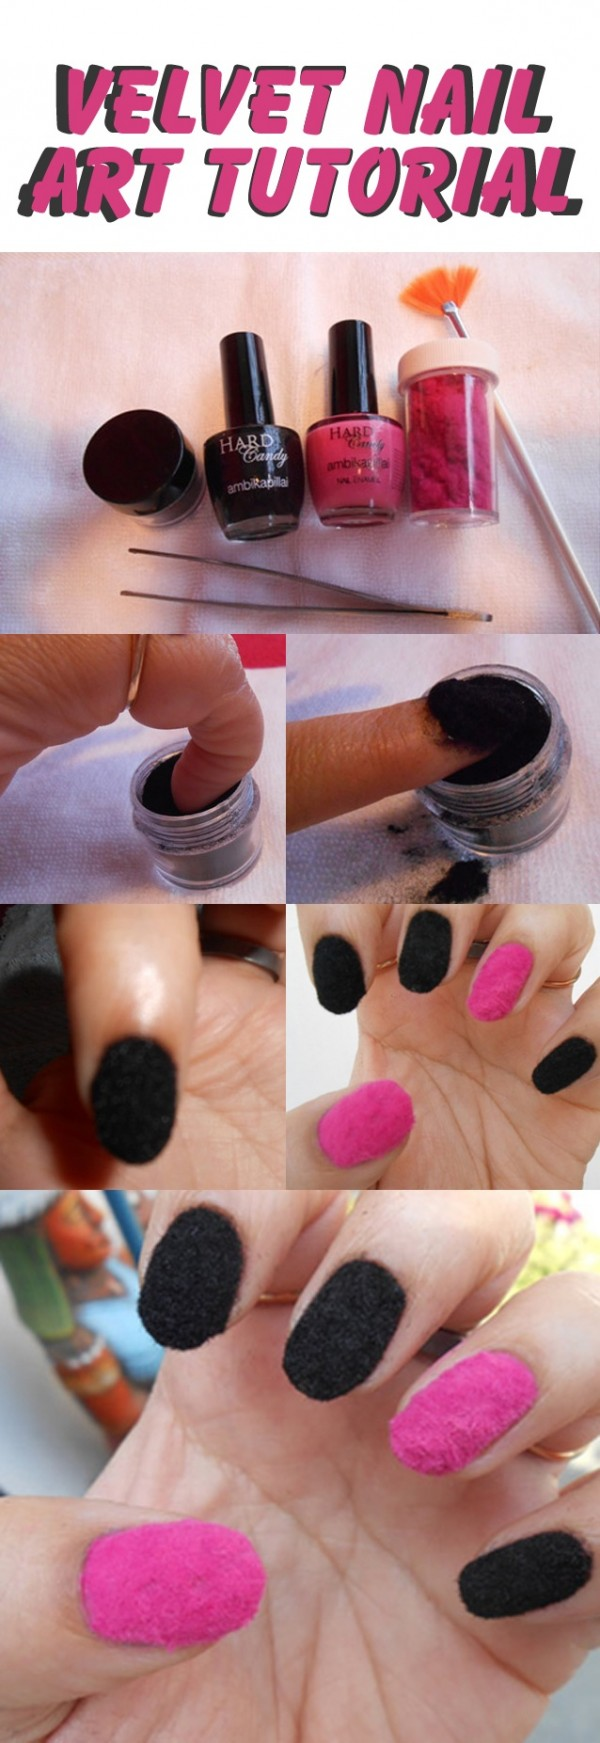 terciopelo uñas